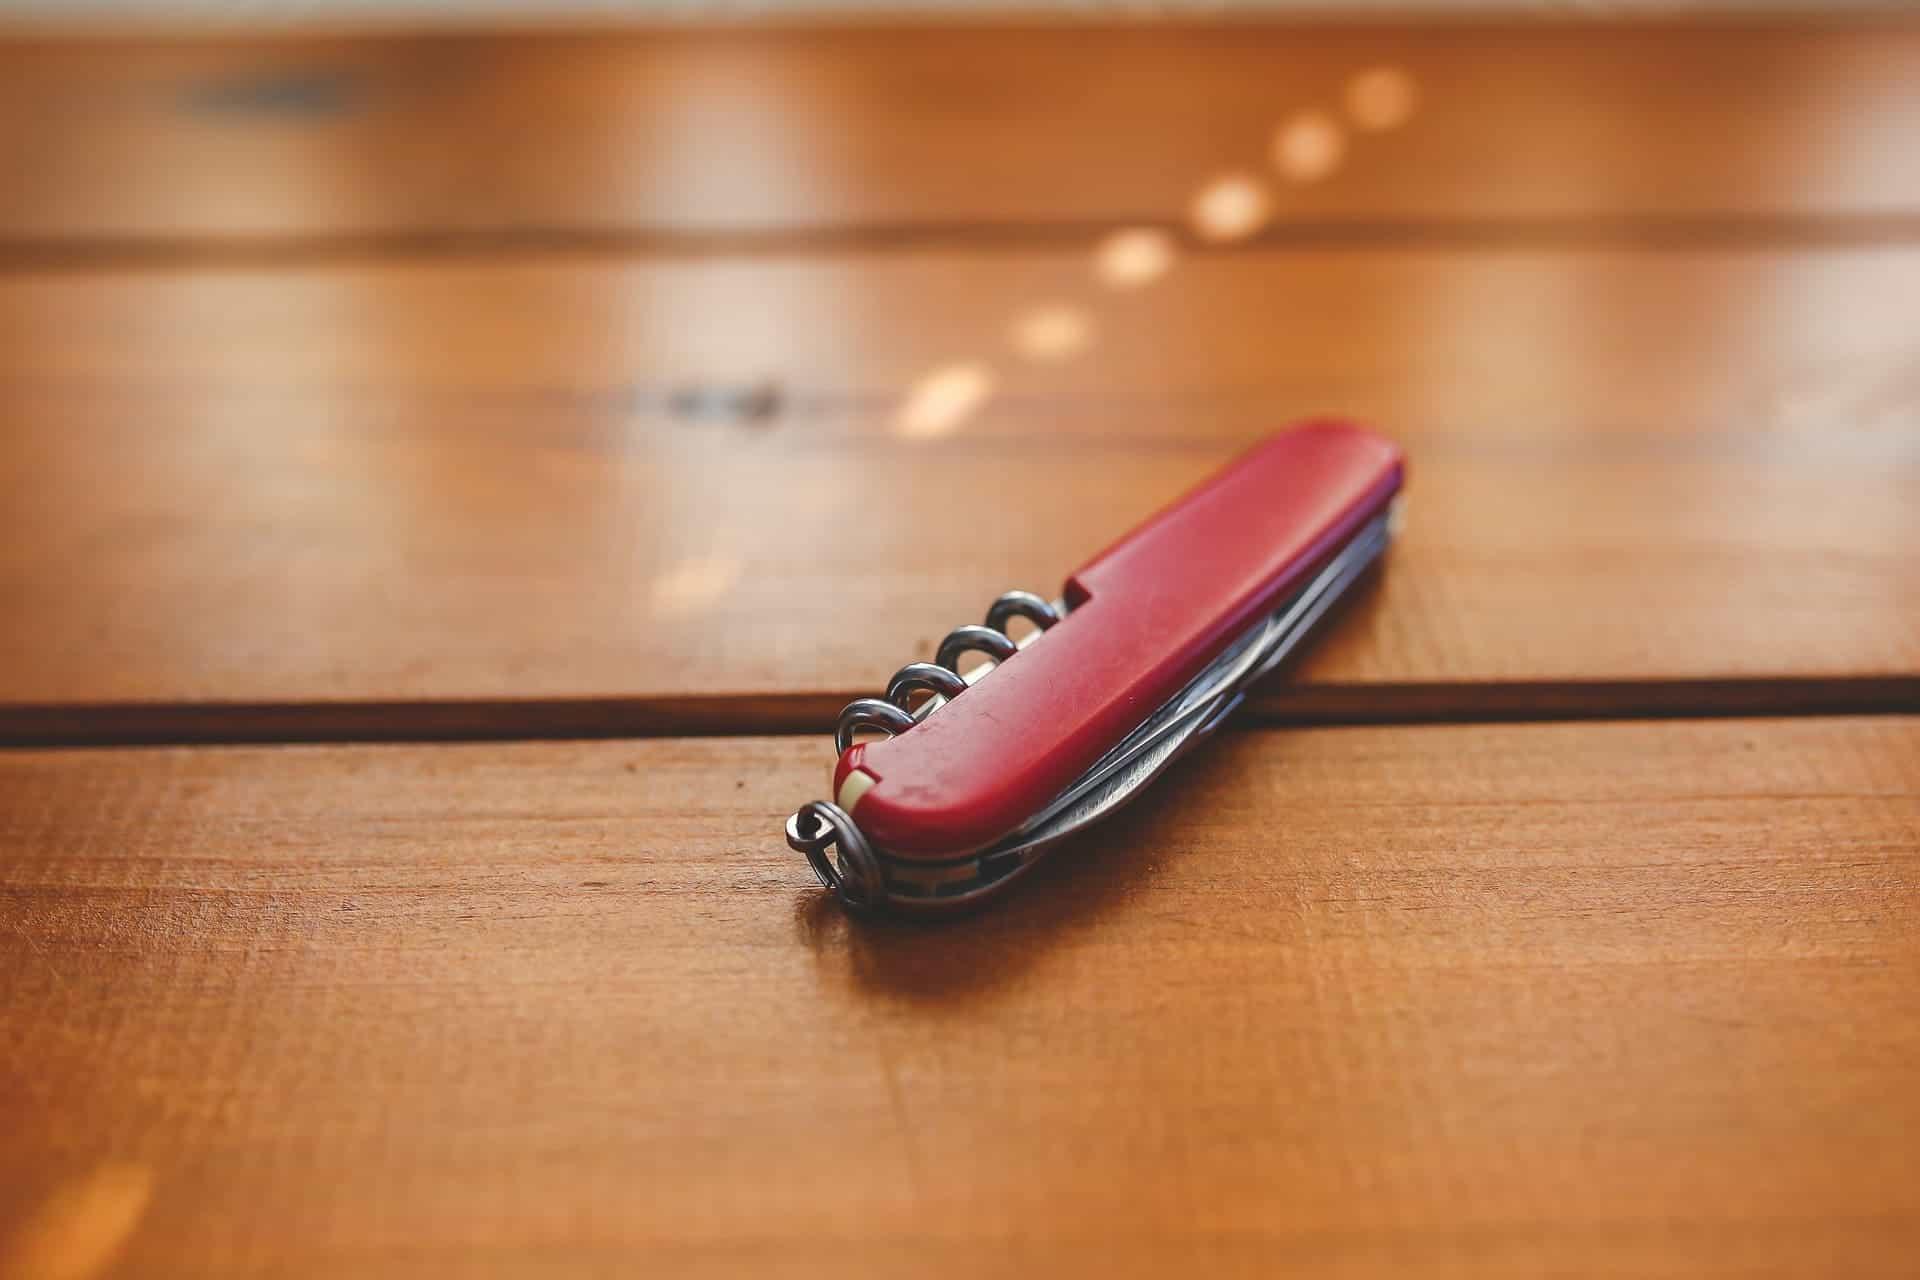 Schweizer Taschenmesser: Test & Empfehlungen (04/21)